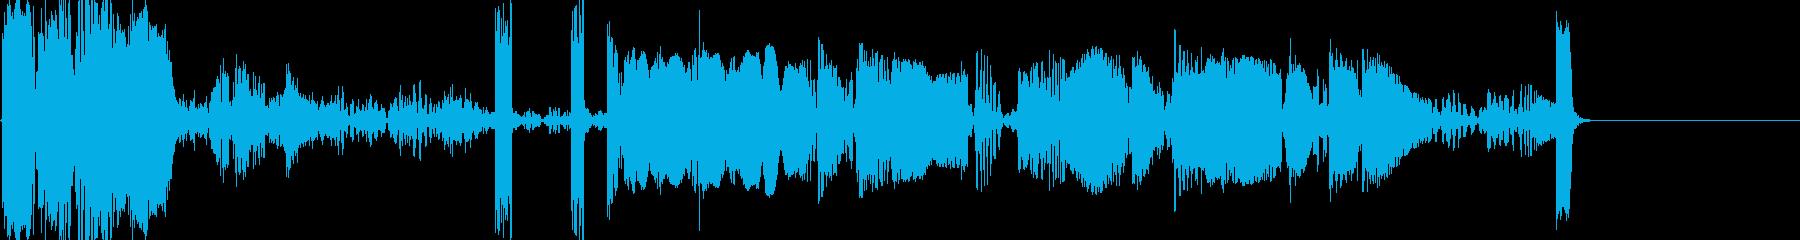 ビッグドロップスの再生済みの波形